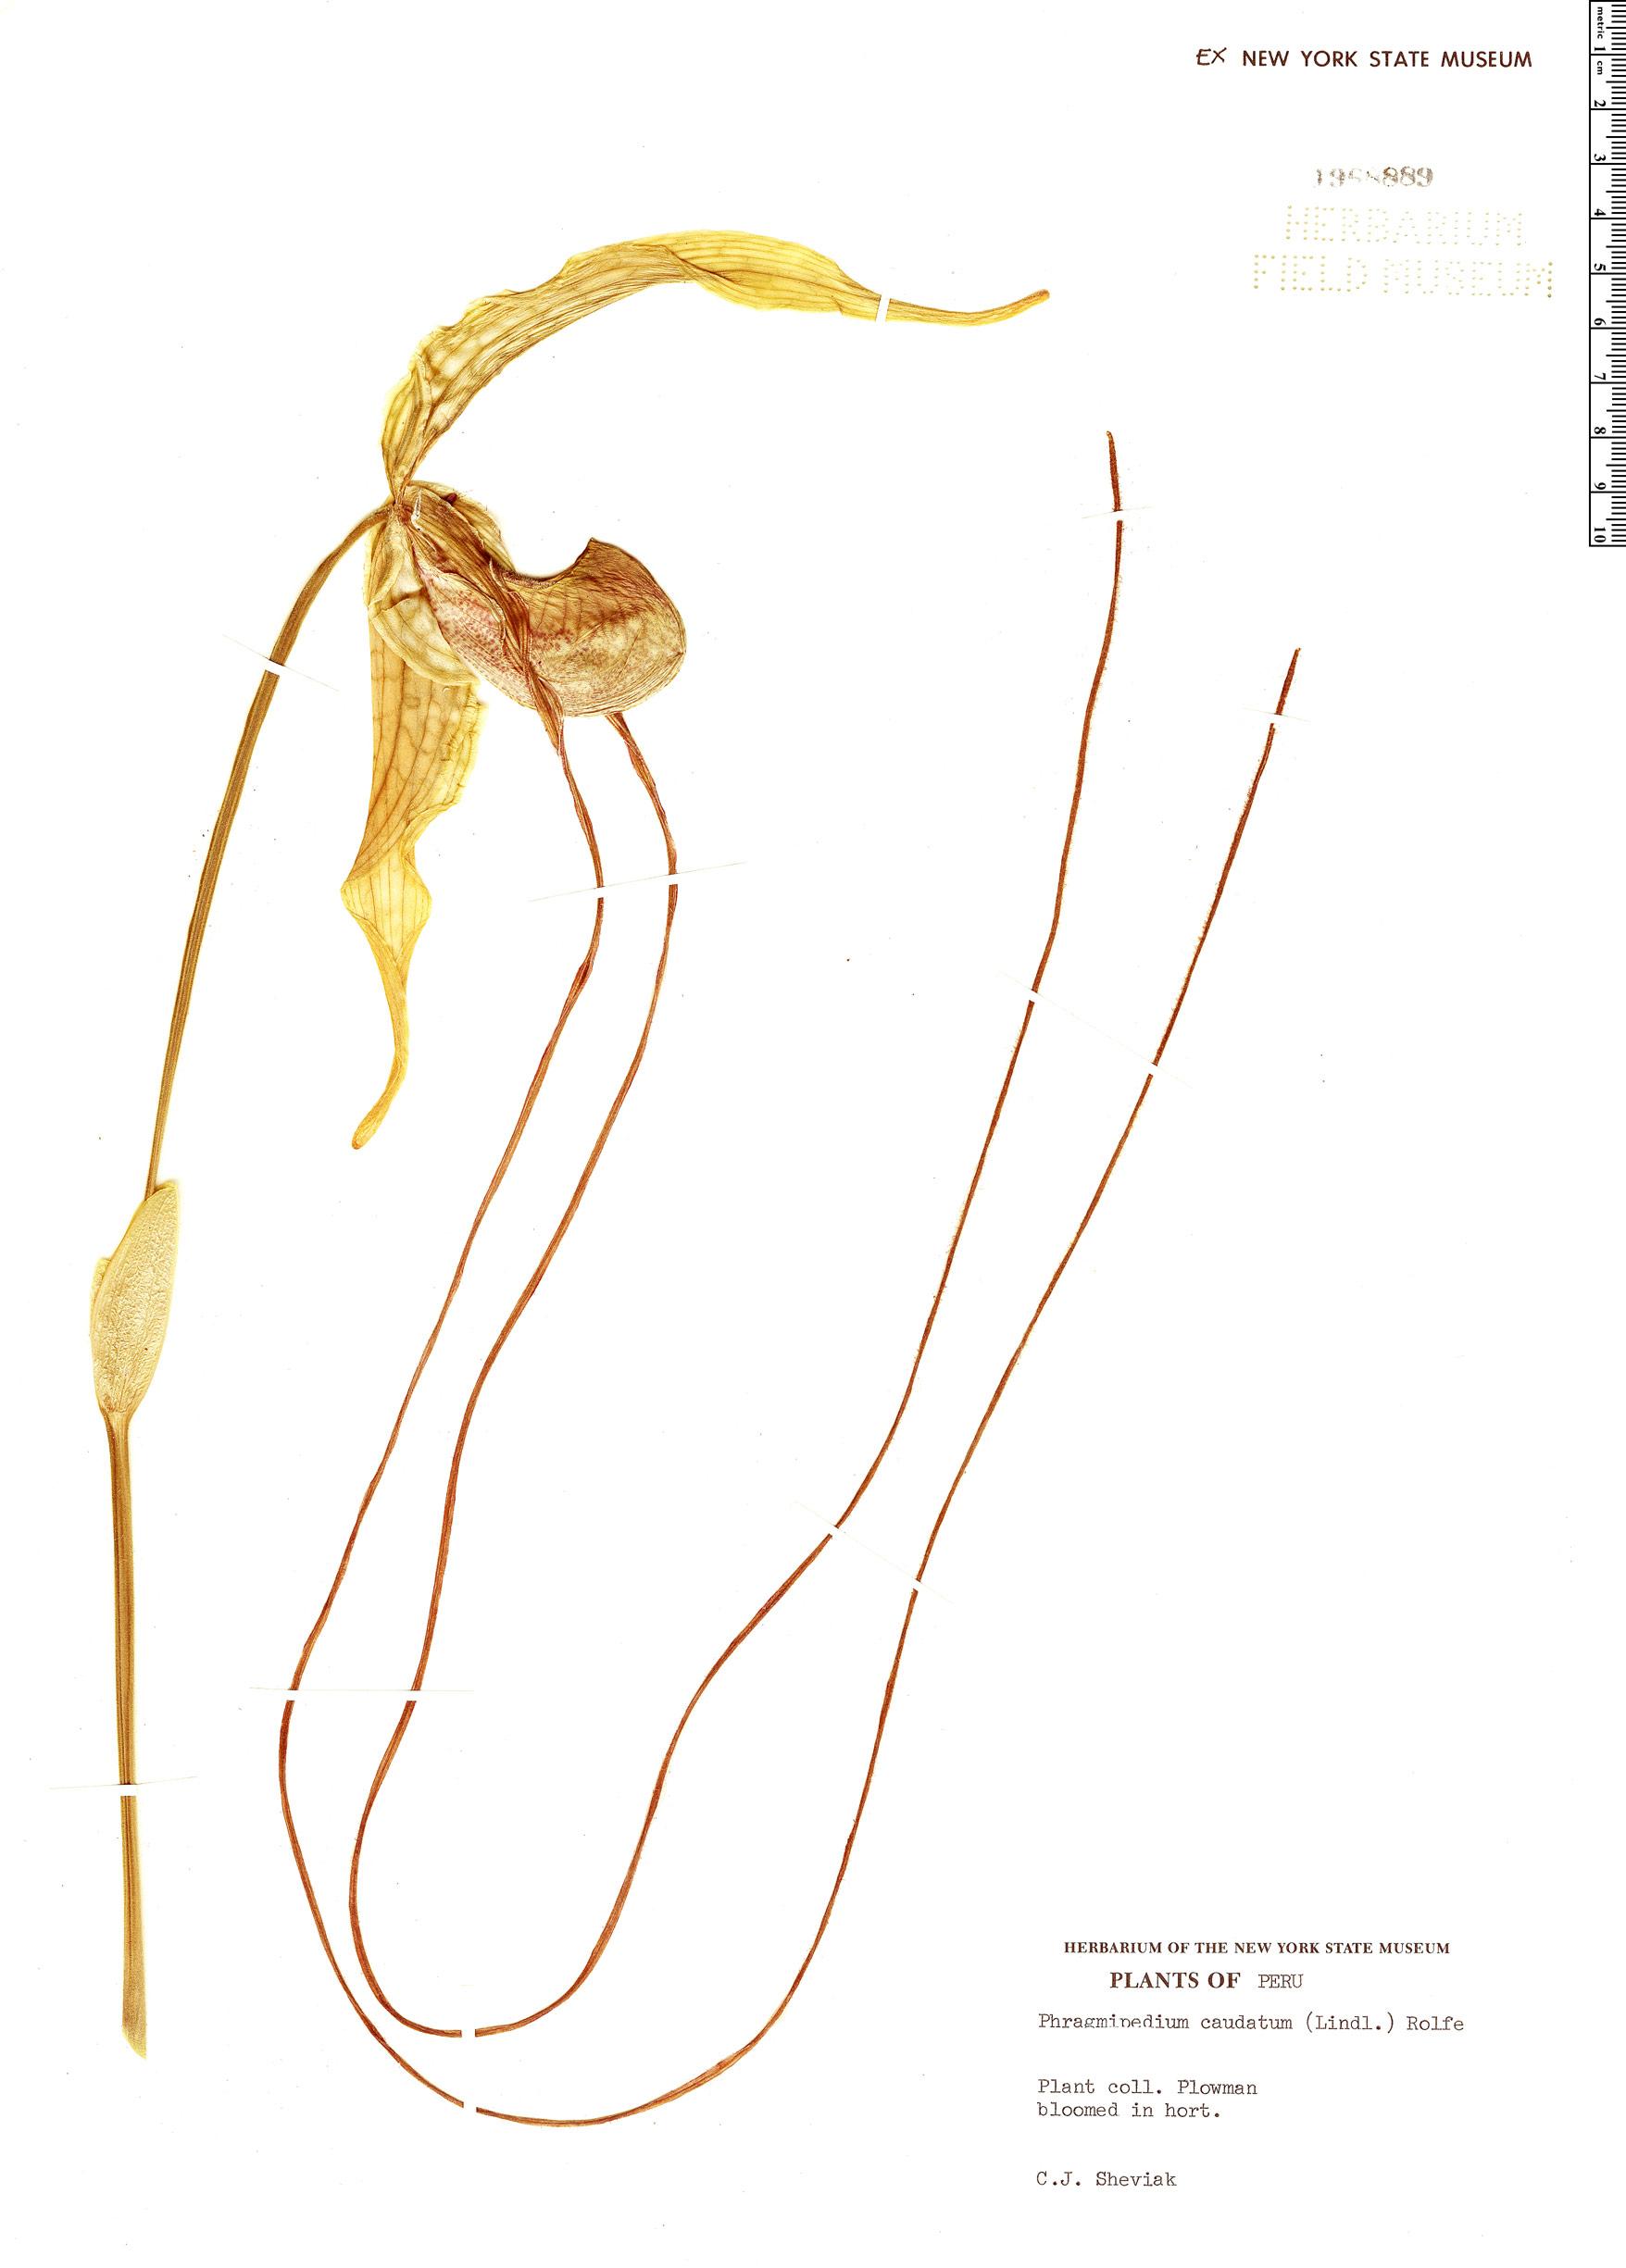 Specimen: Phragmipedium caudatum